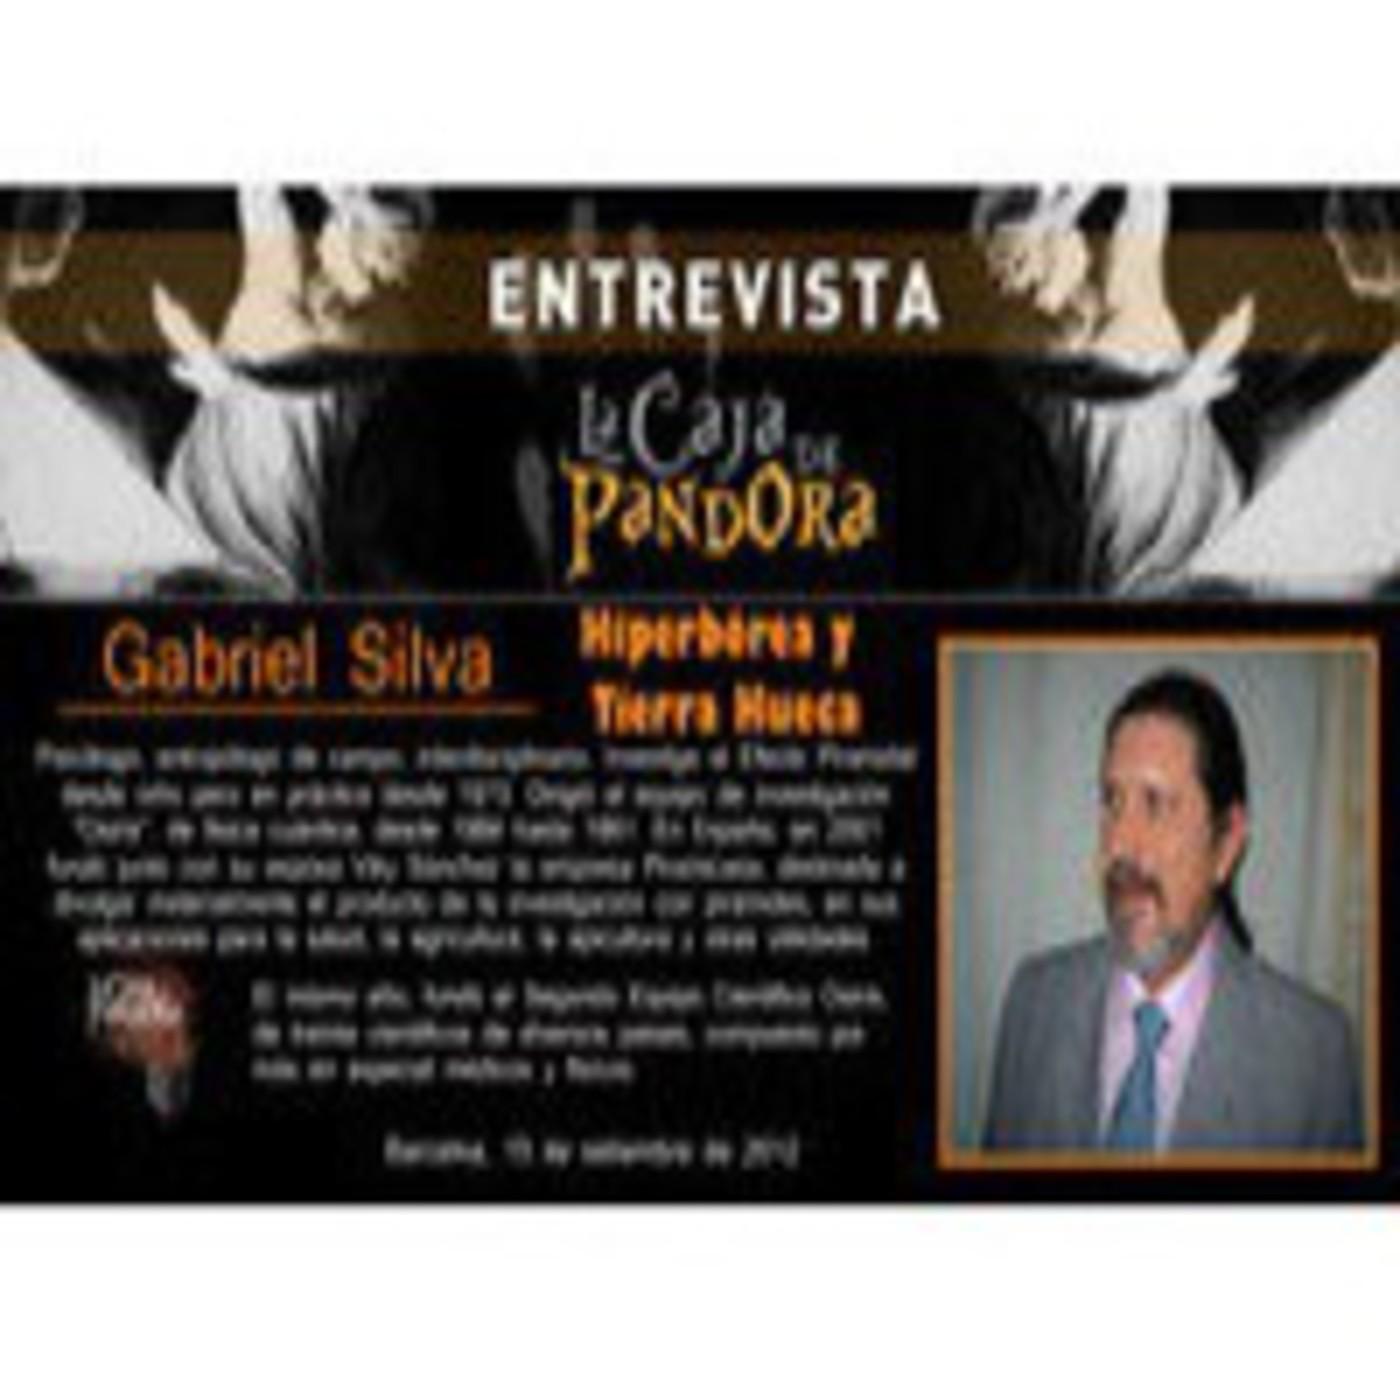 Entrevista a Gabriel Silva - Hiperborea y tierra hueca.